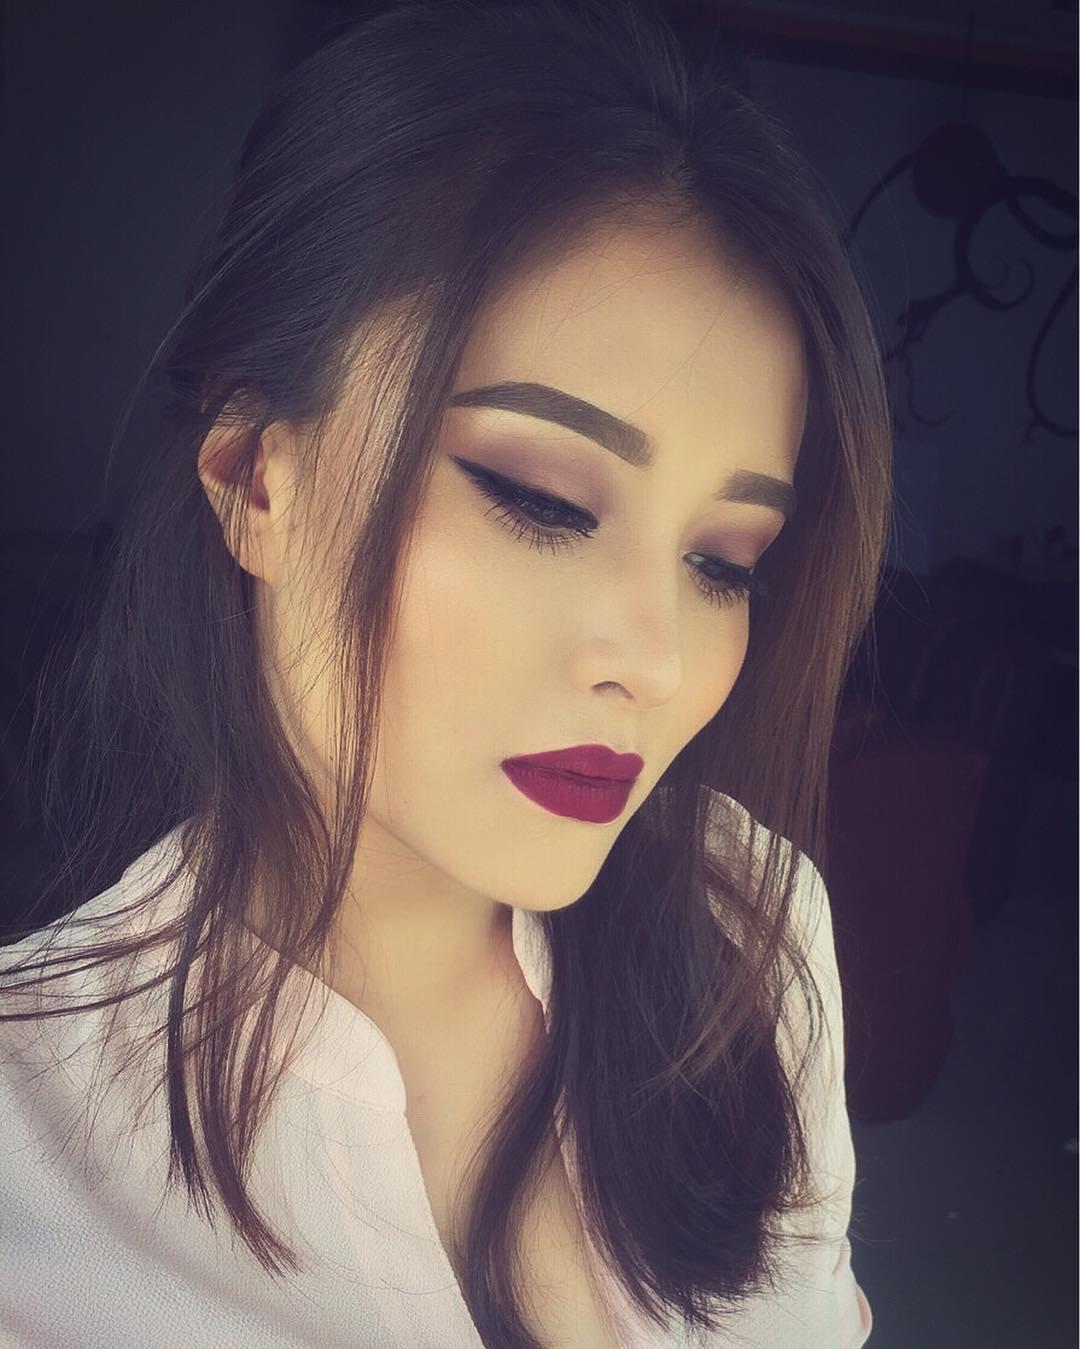 Foto: Reprodução / Make up by Lemii